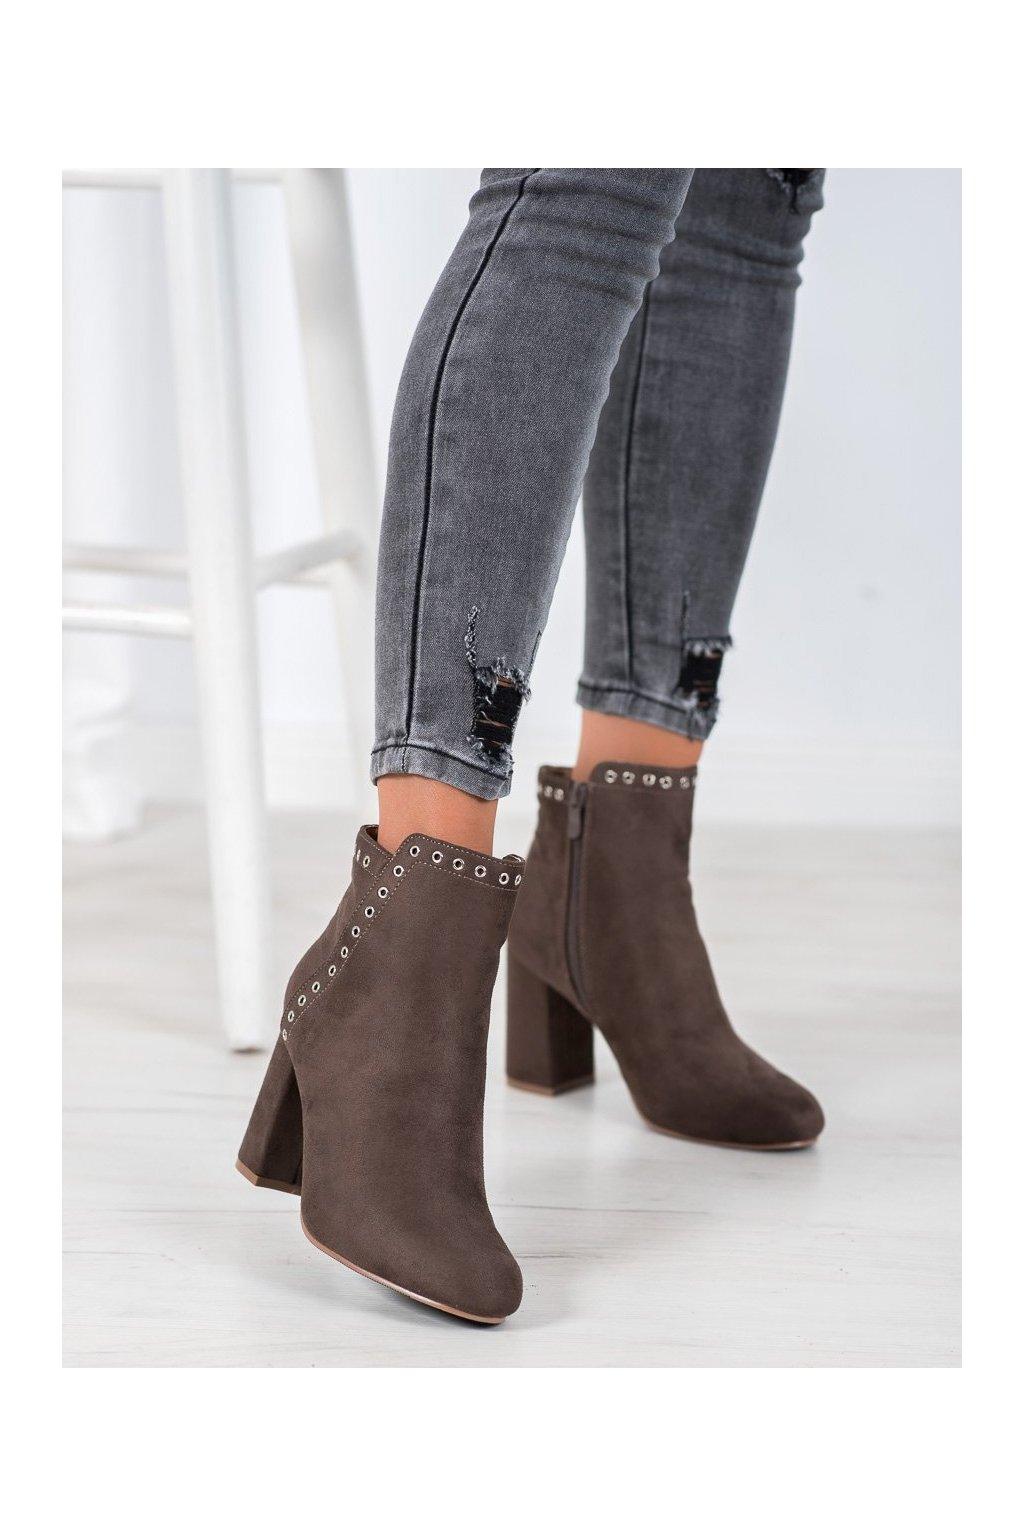 Hnedé dámske topánky Evento kod 8BT35-0576KH